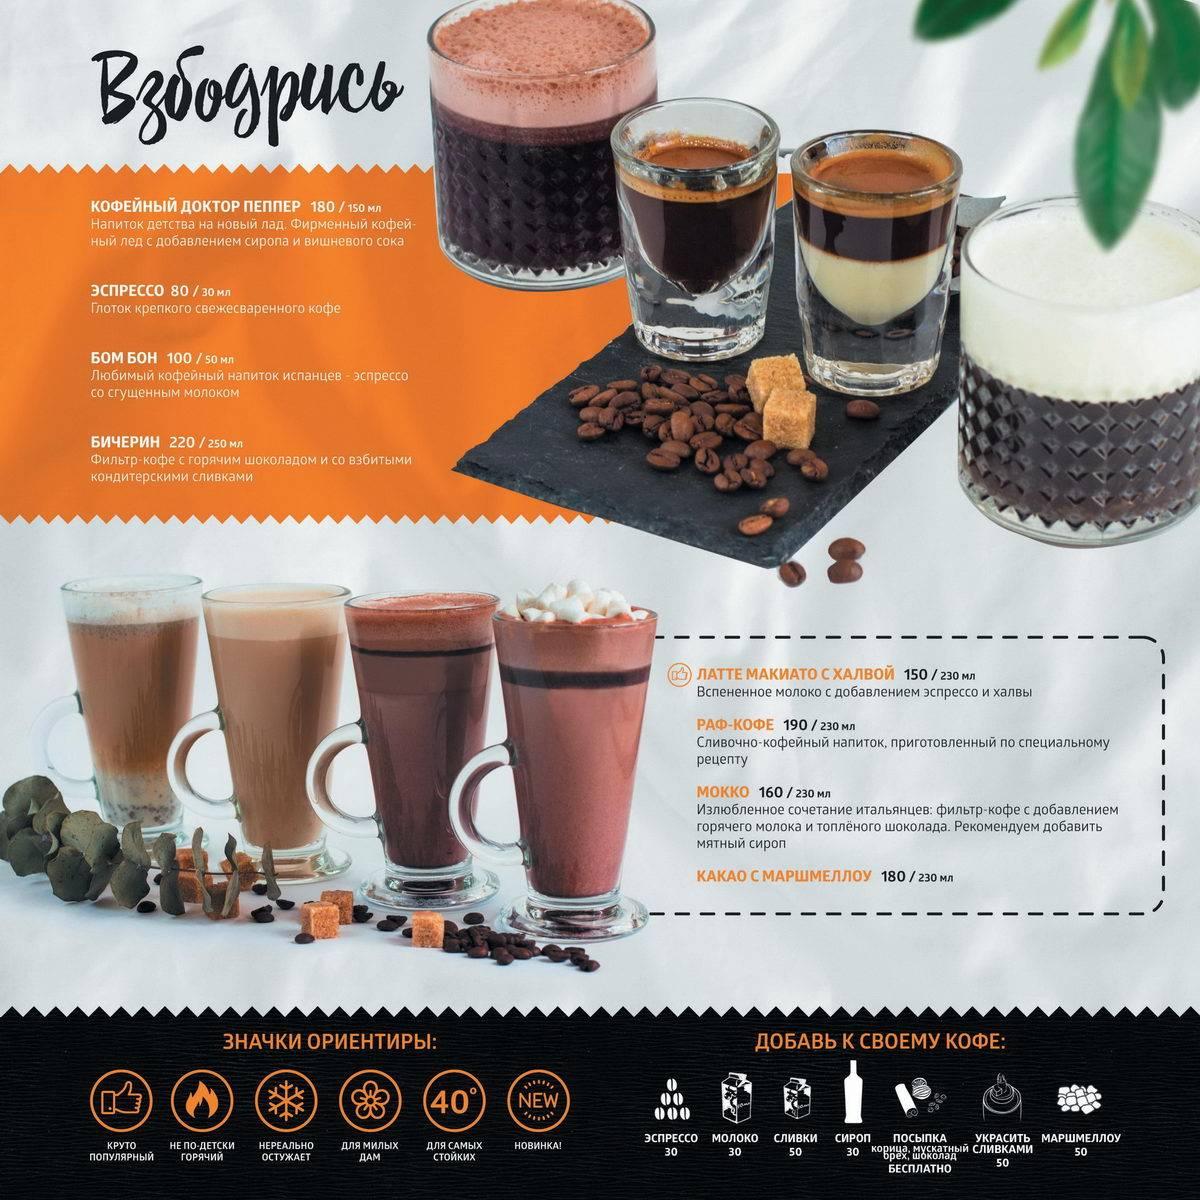 Кофе мокко: технология и способы заваривания